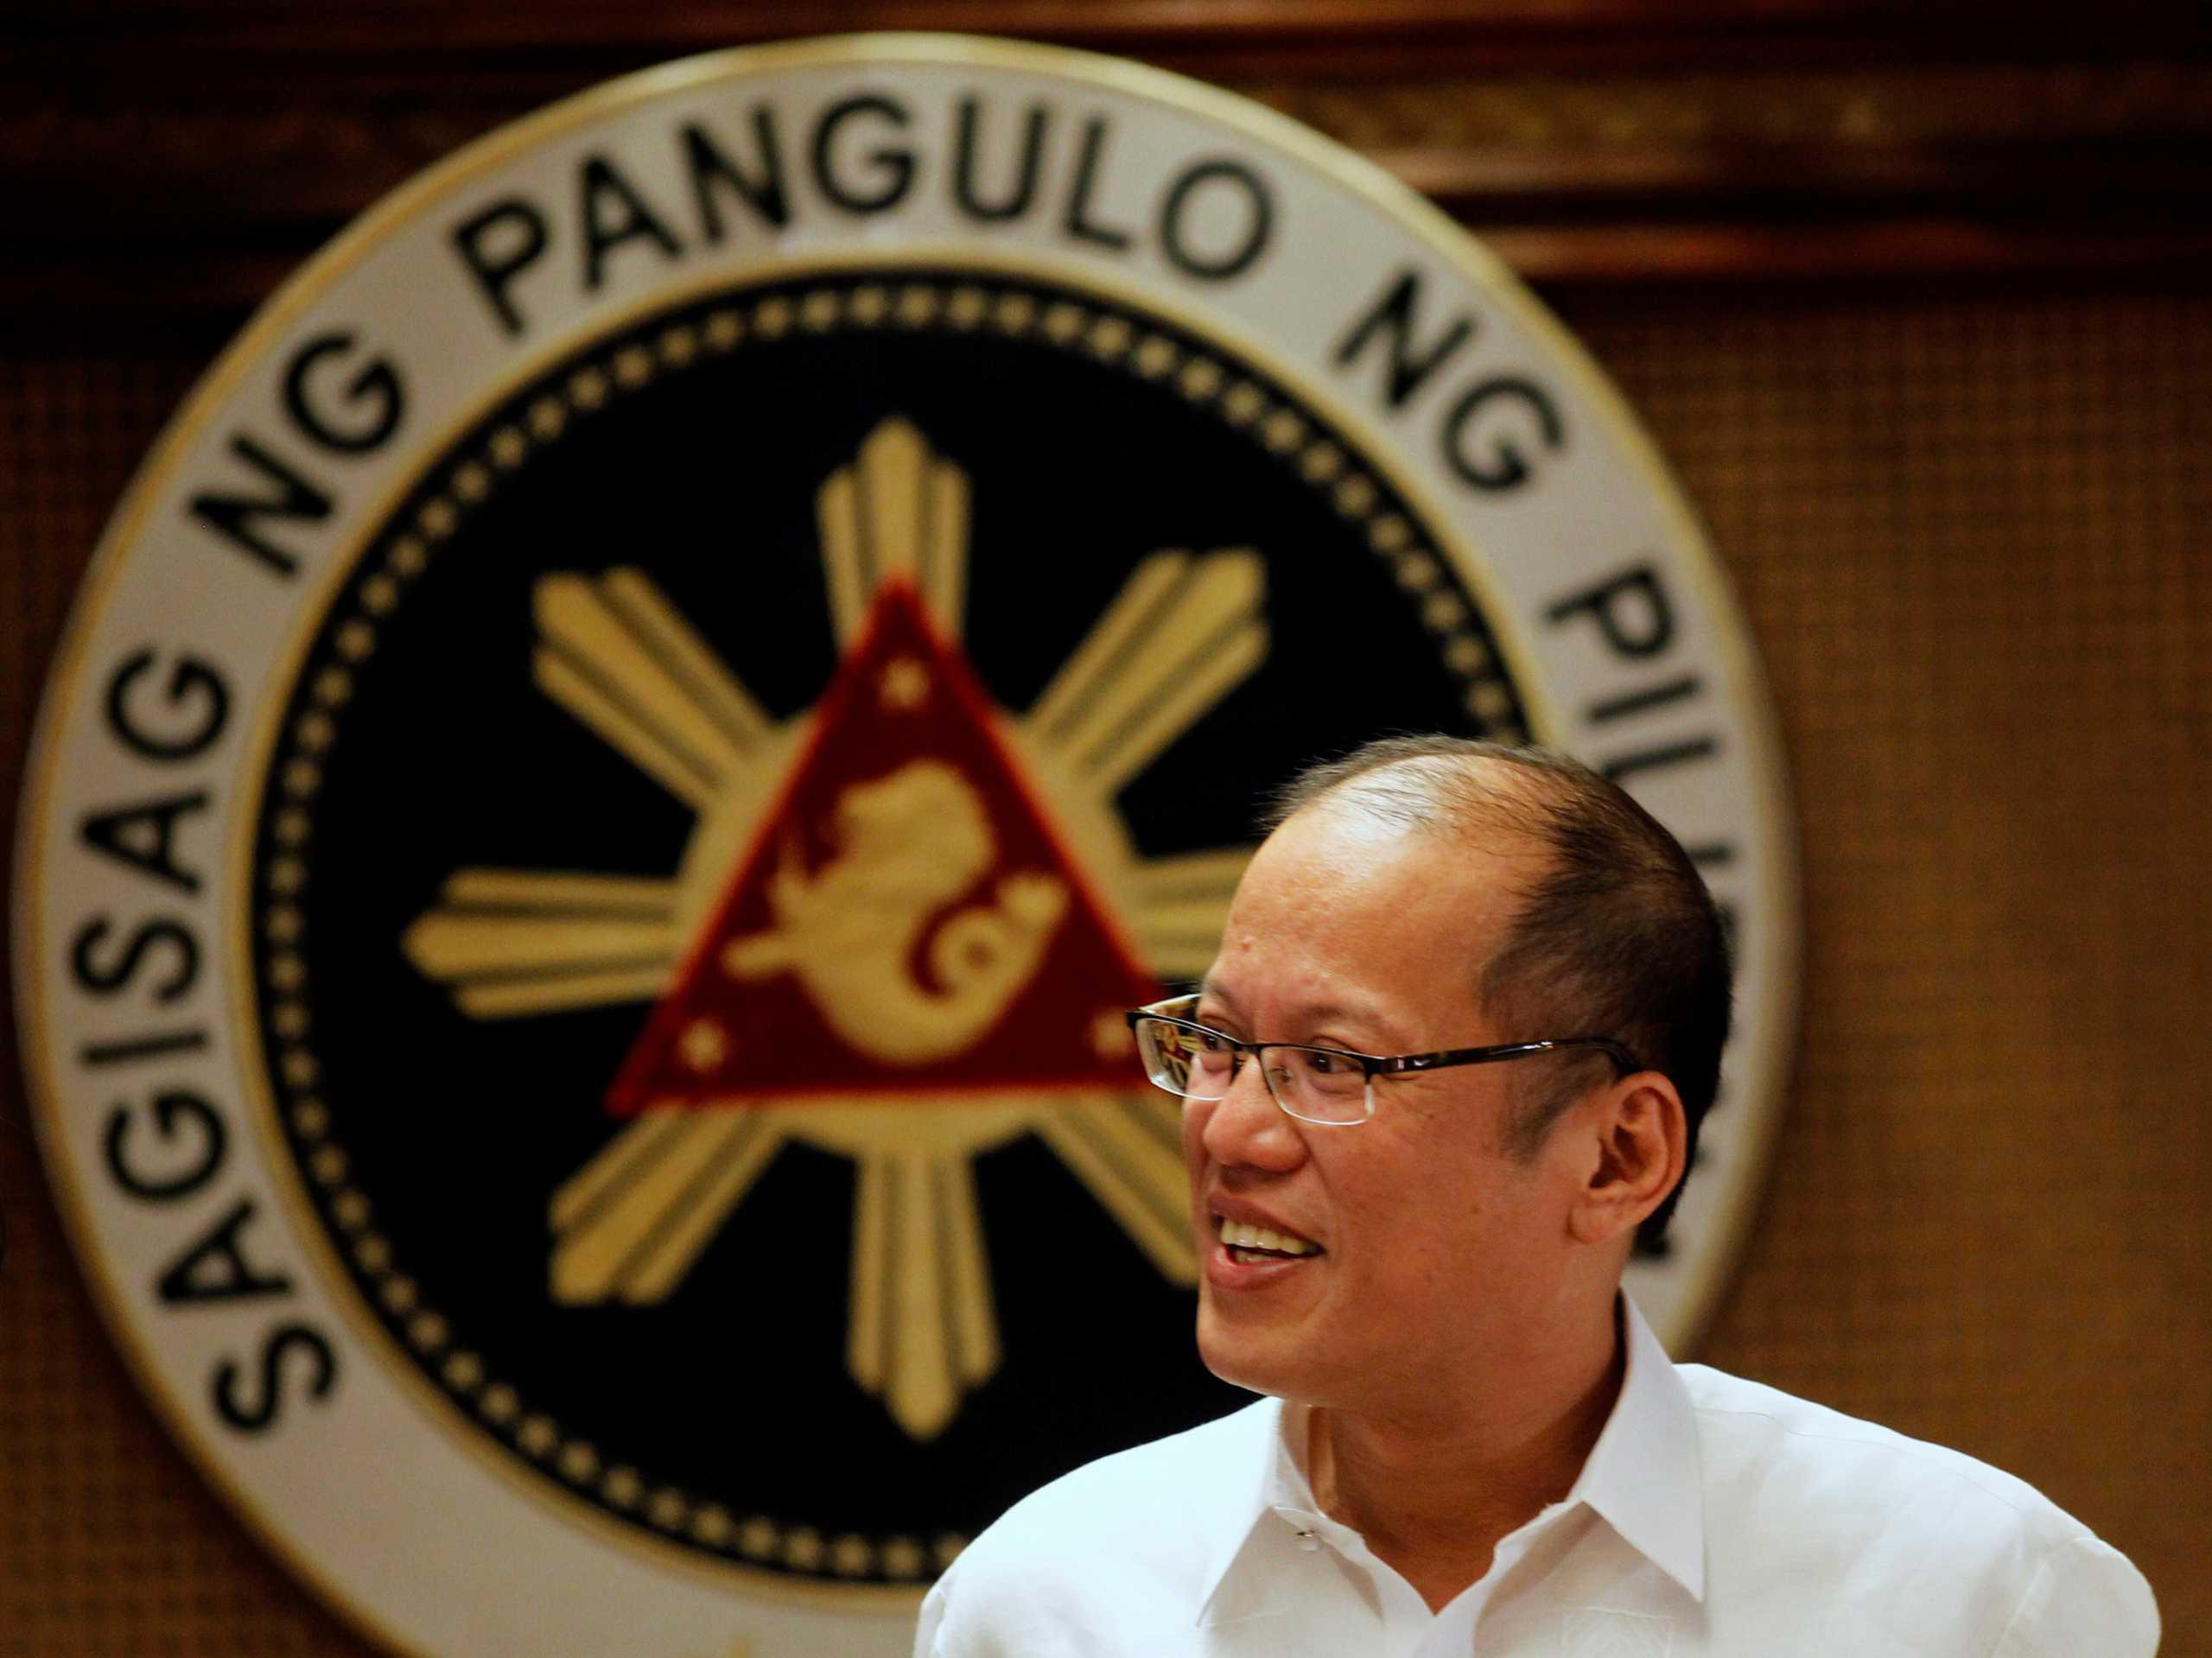 Μπενίνιο Ακίνο: Αυτή είναι η αιτία θανάτου του πρώην προέδρου των Φιλιππίνων